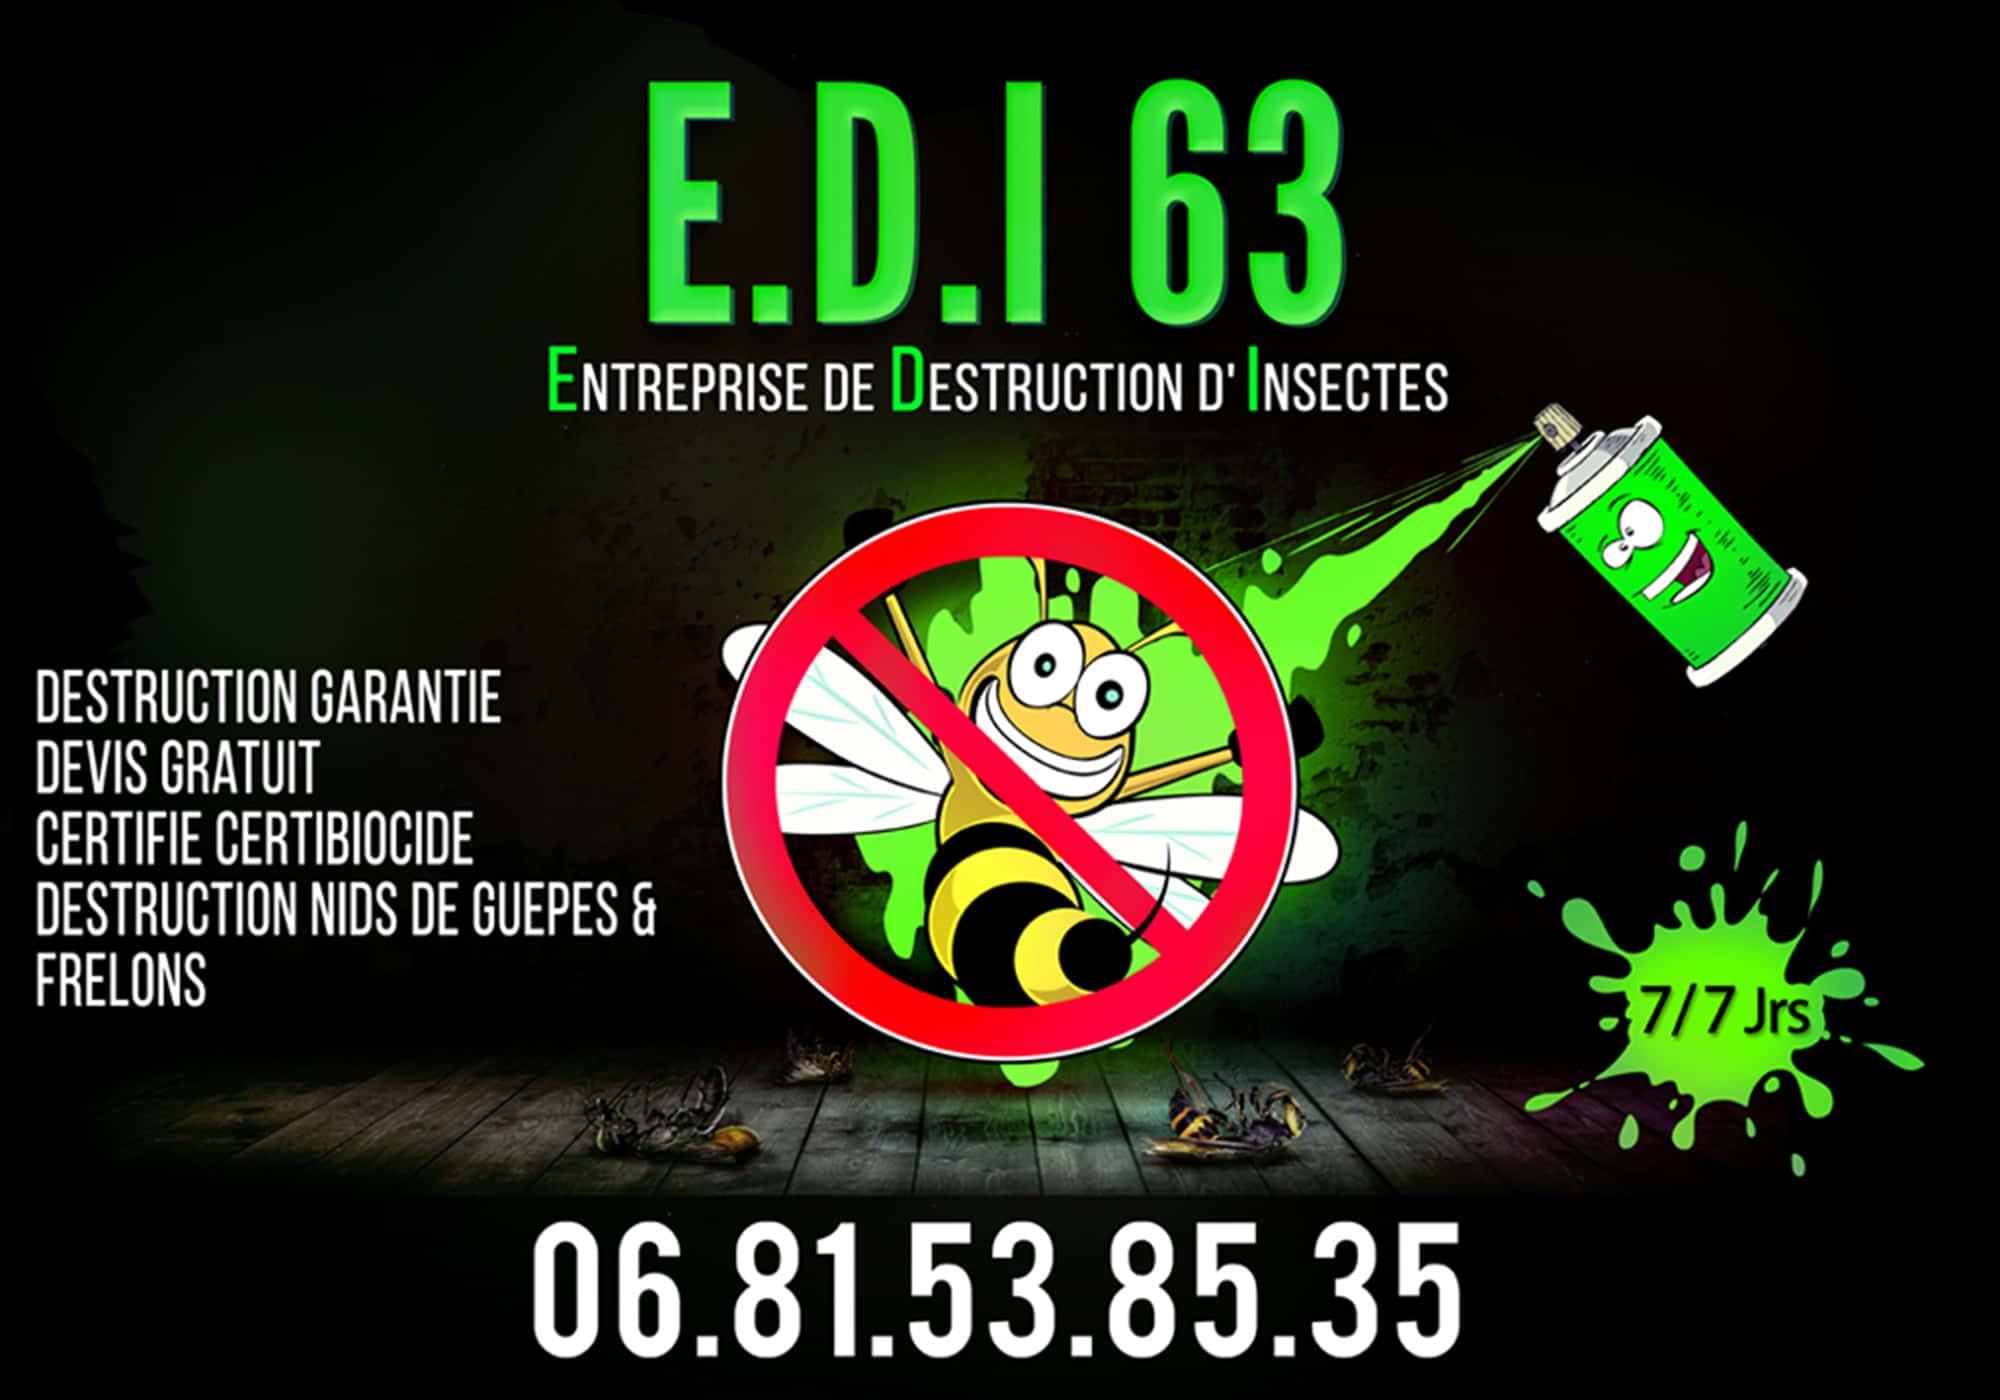 E.D.I 63 - Entreprise de destruction d'insectes